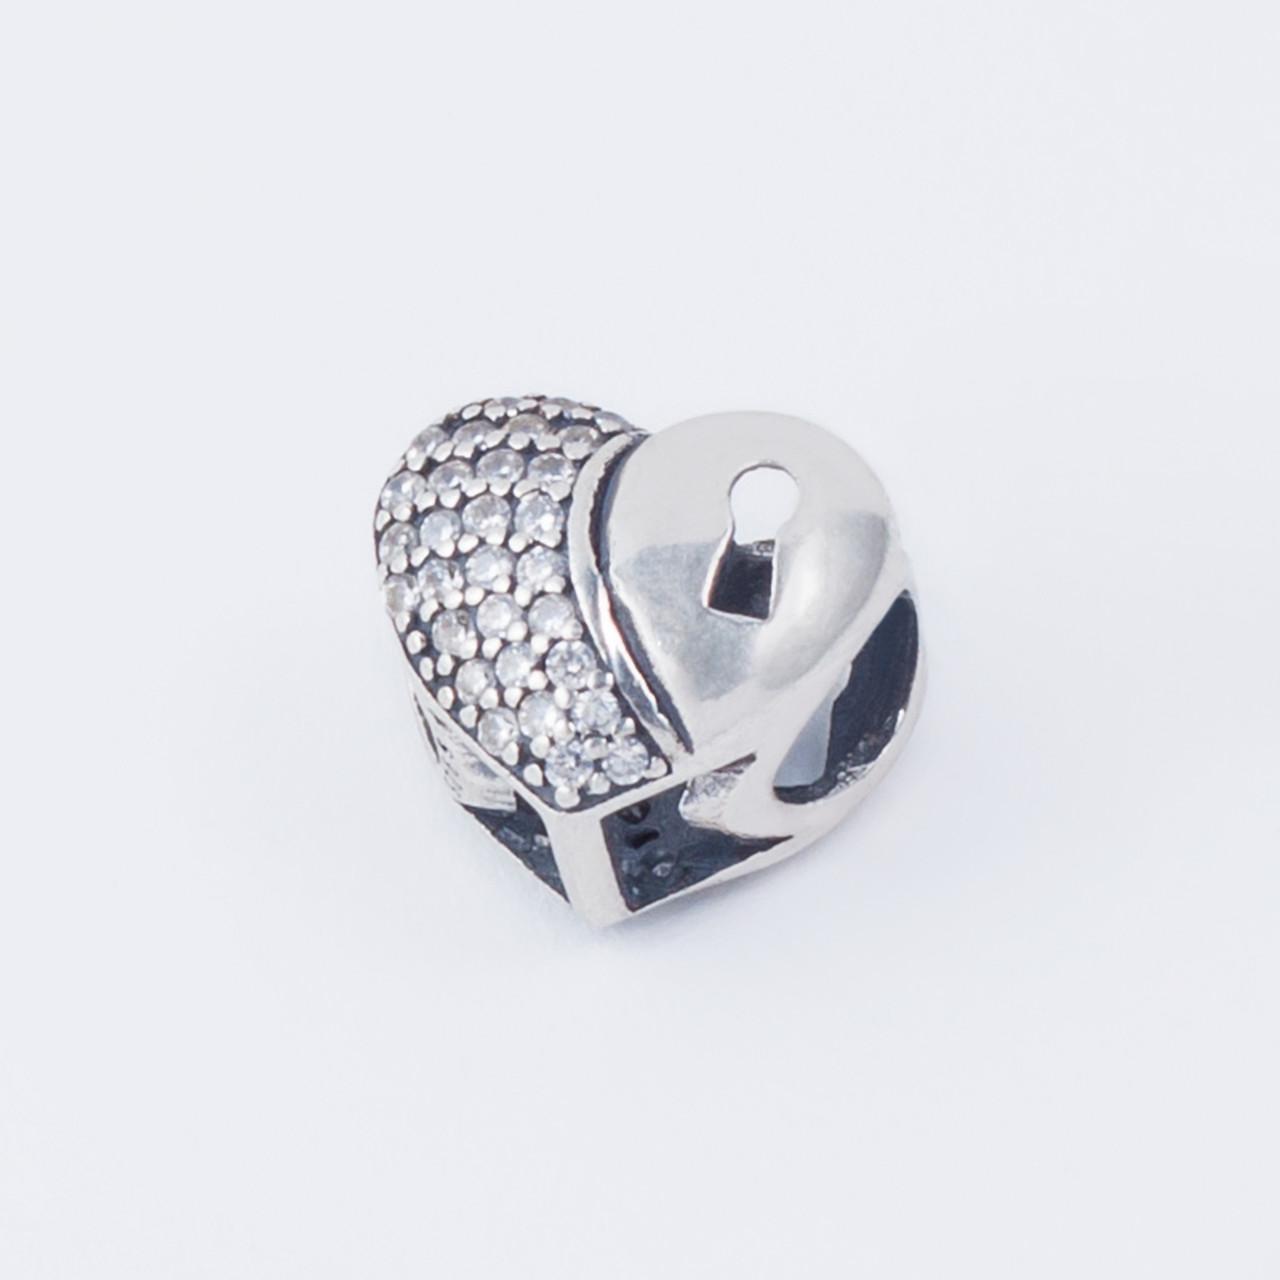 """Срібний шарм (намистина) """"Серце під замком"""" в стилі Pandora (Пандора) з камінням"""